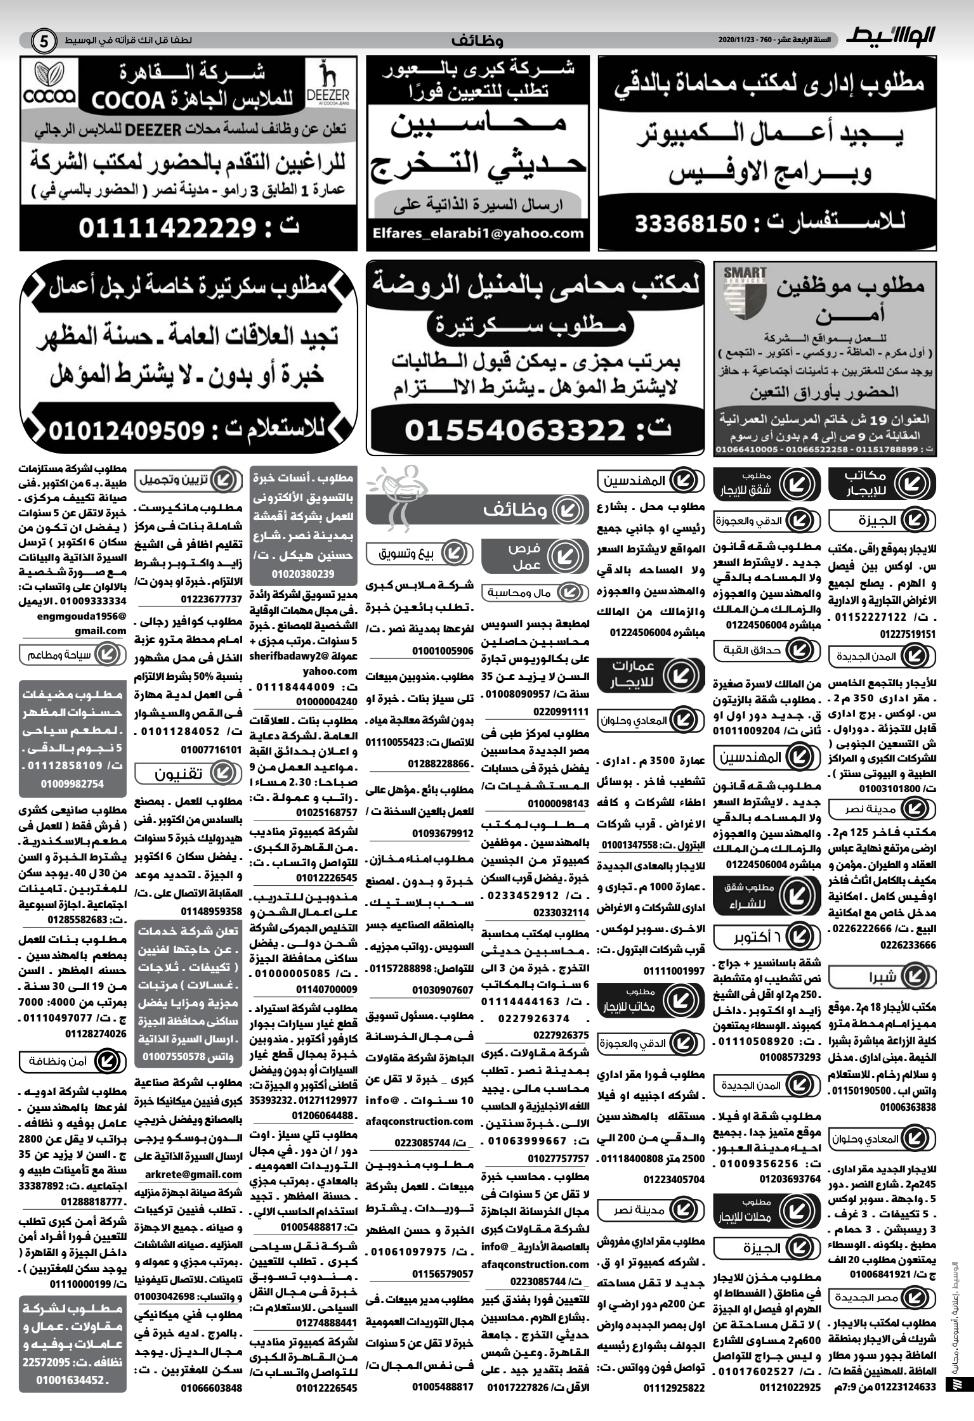 وظائف الوسيط و اعلانات مصر الاثنين 23 نوفمبر 2020